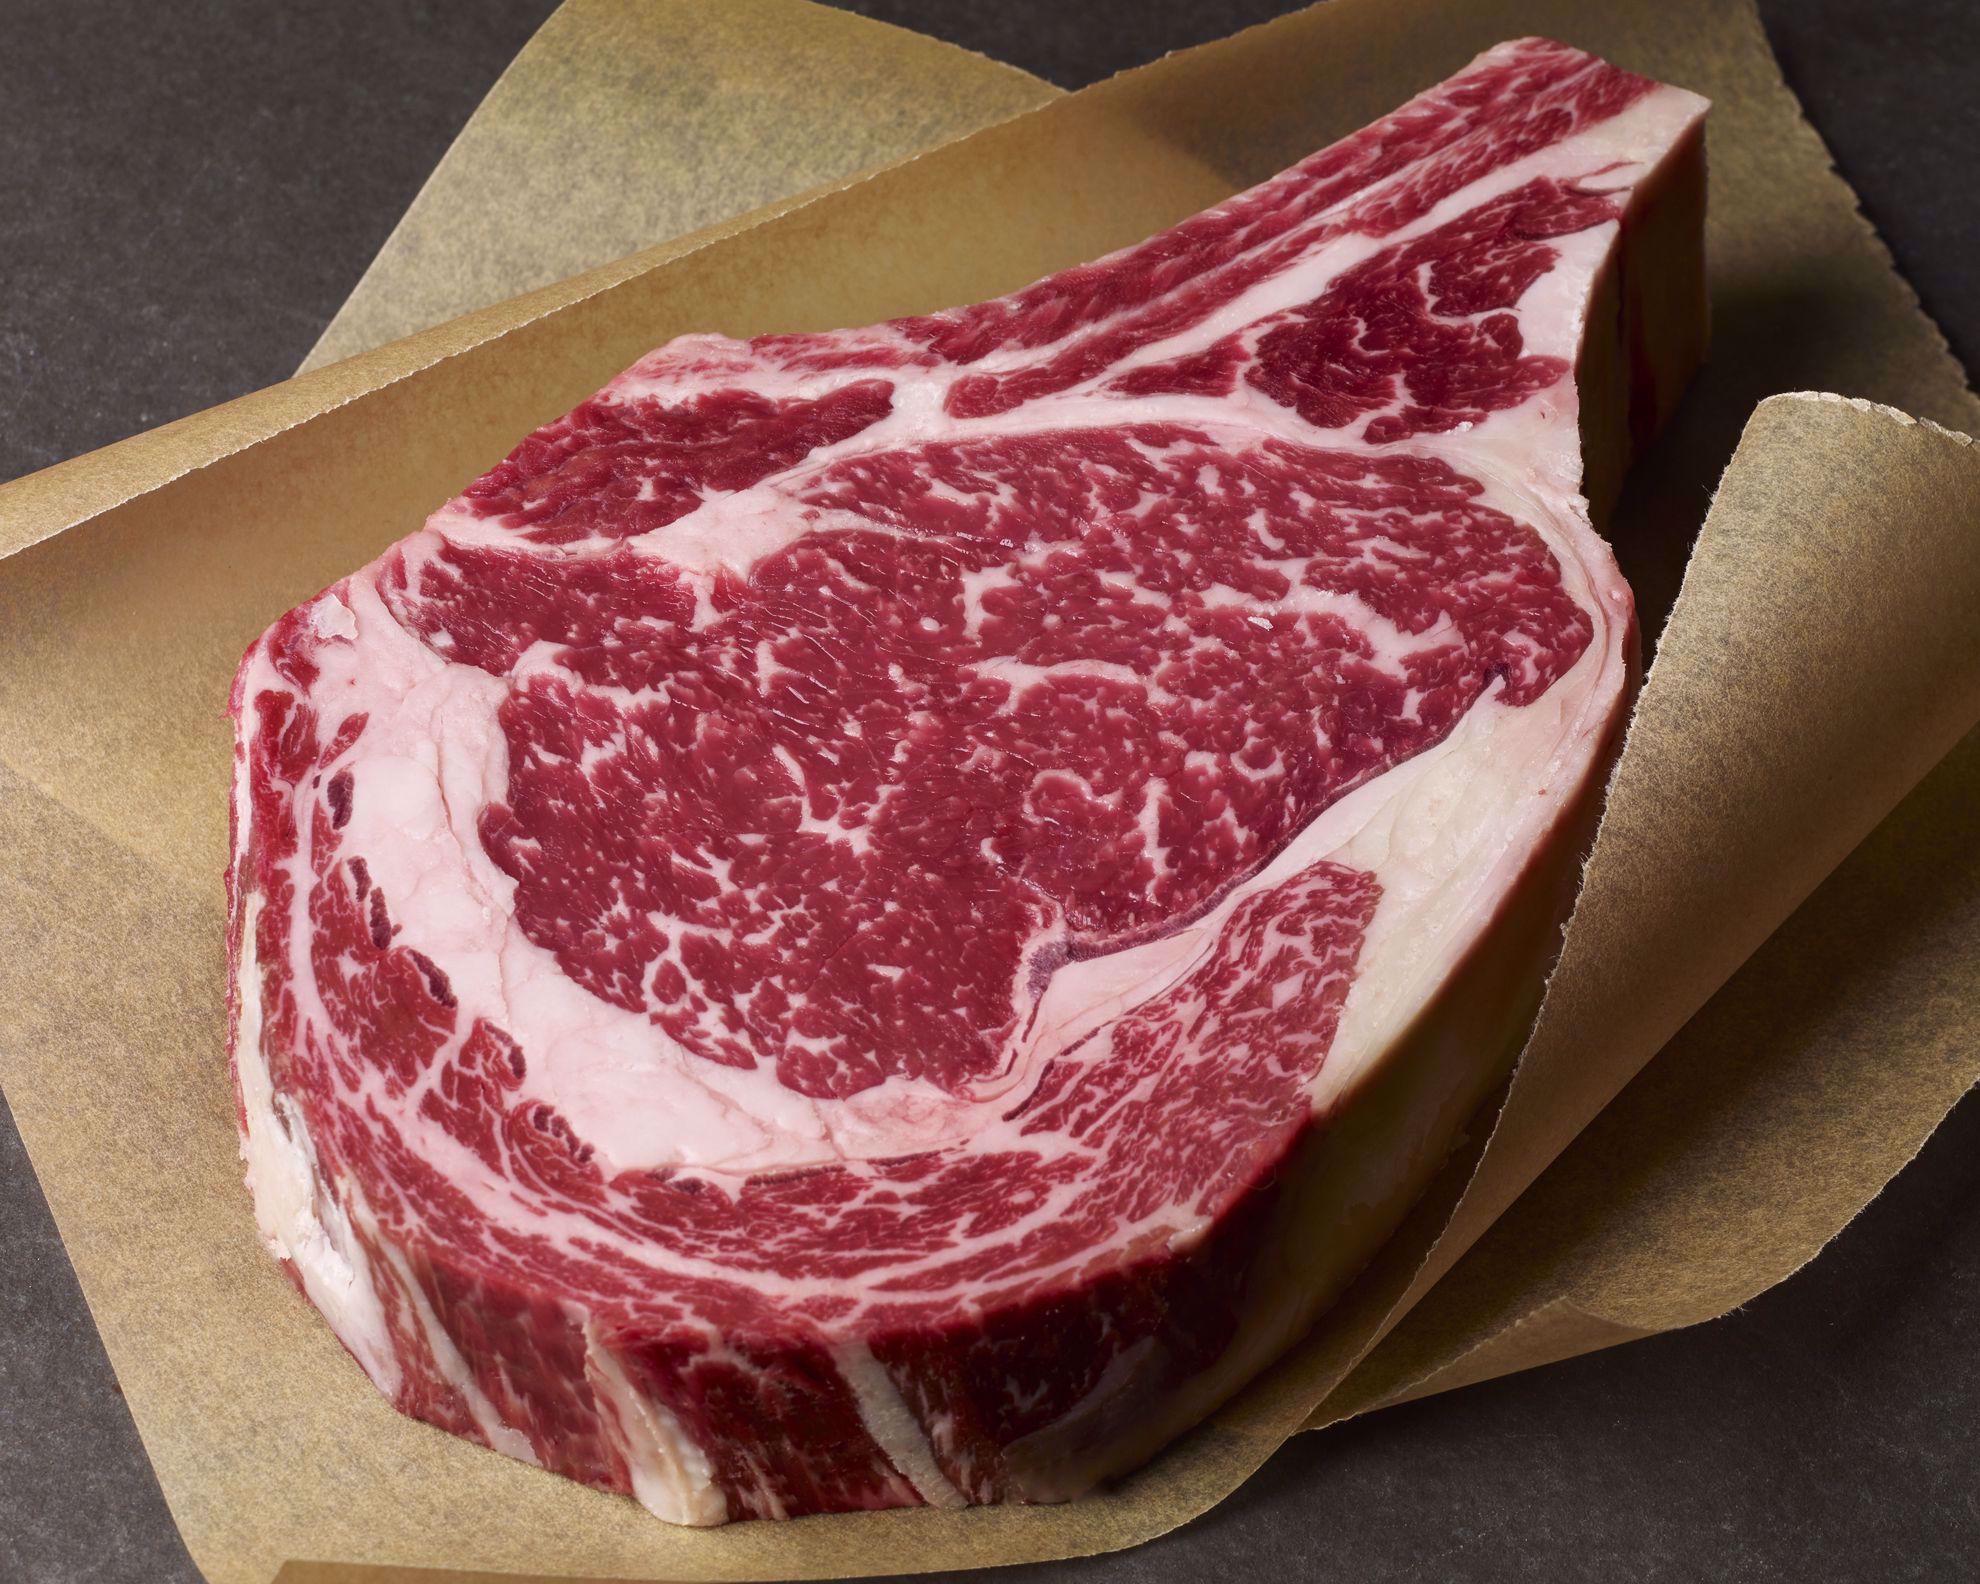 USDA Prime Dry-Aged Bone-In Rib Steak